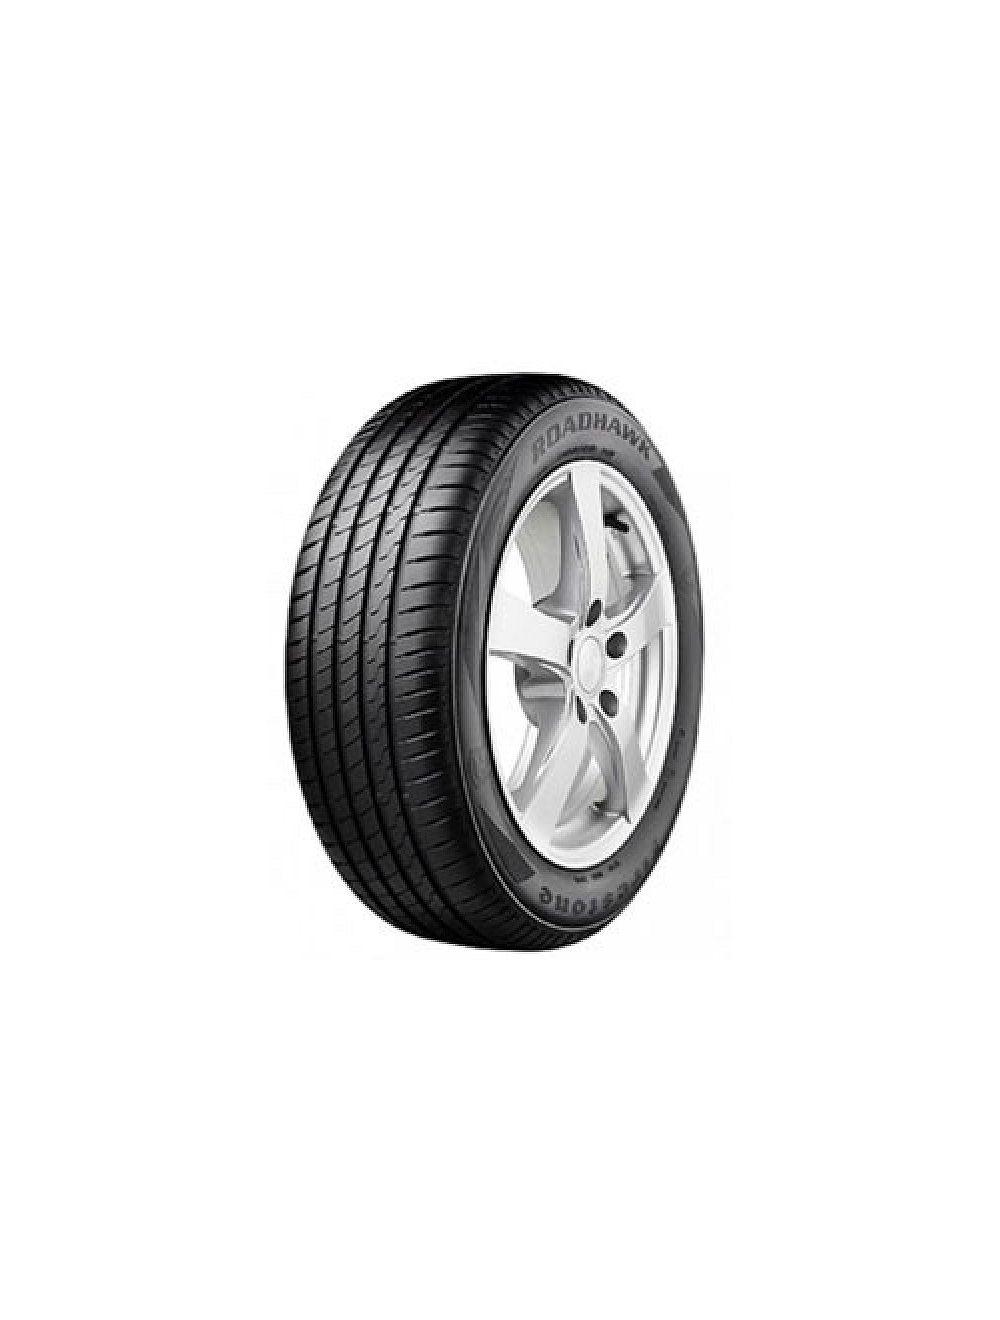 Firestone 255/50R19 Y RoadHawk XL Nyári gumi